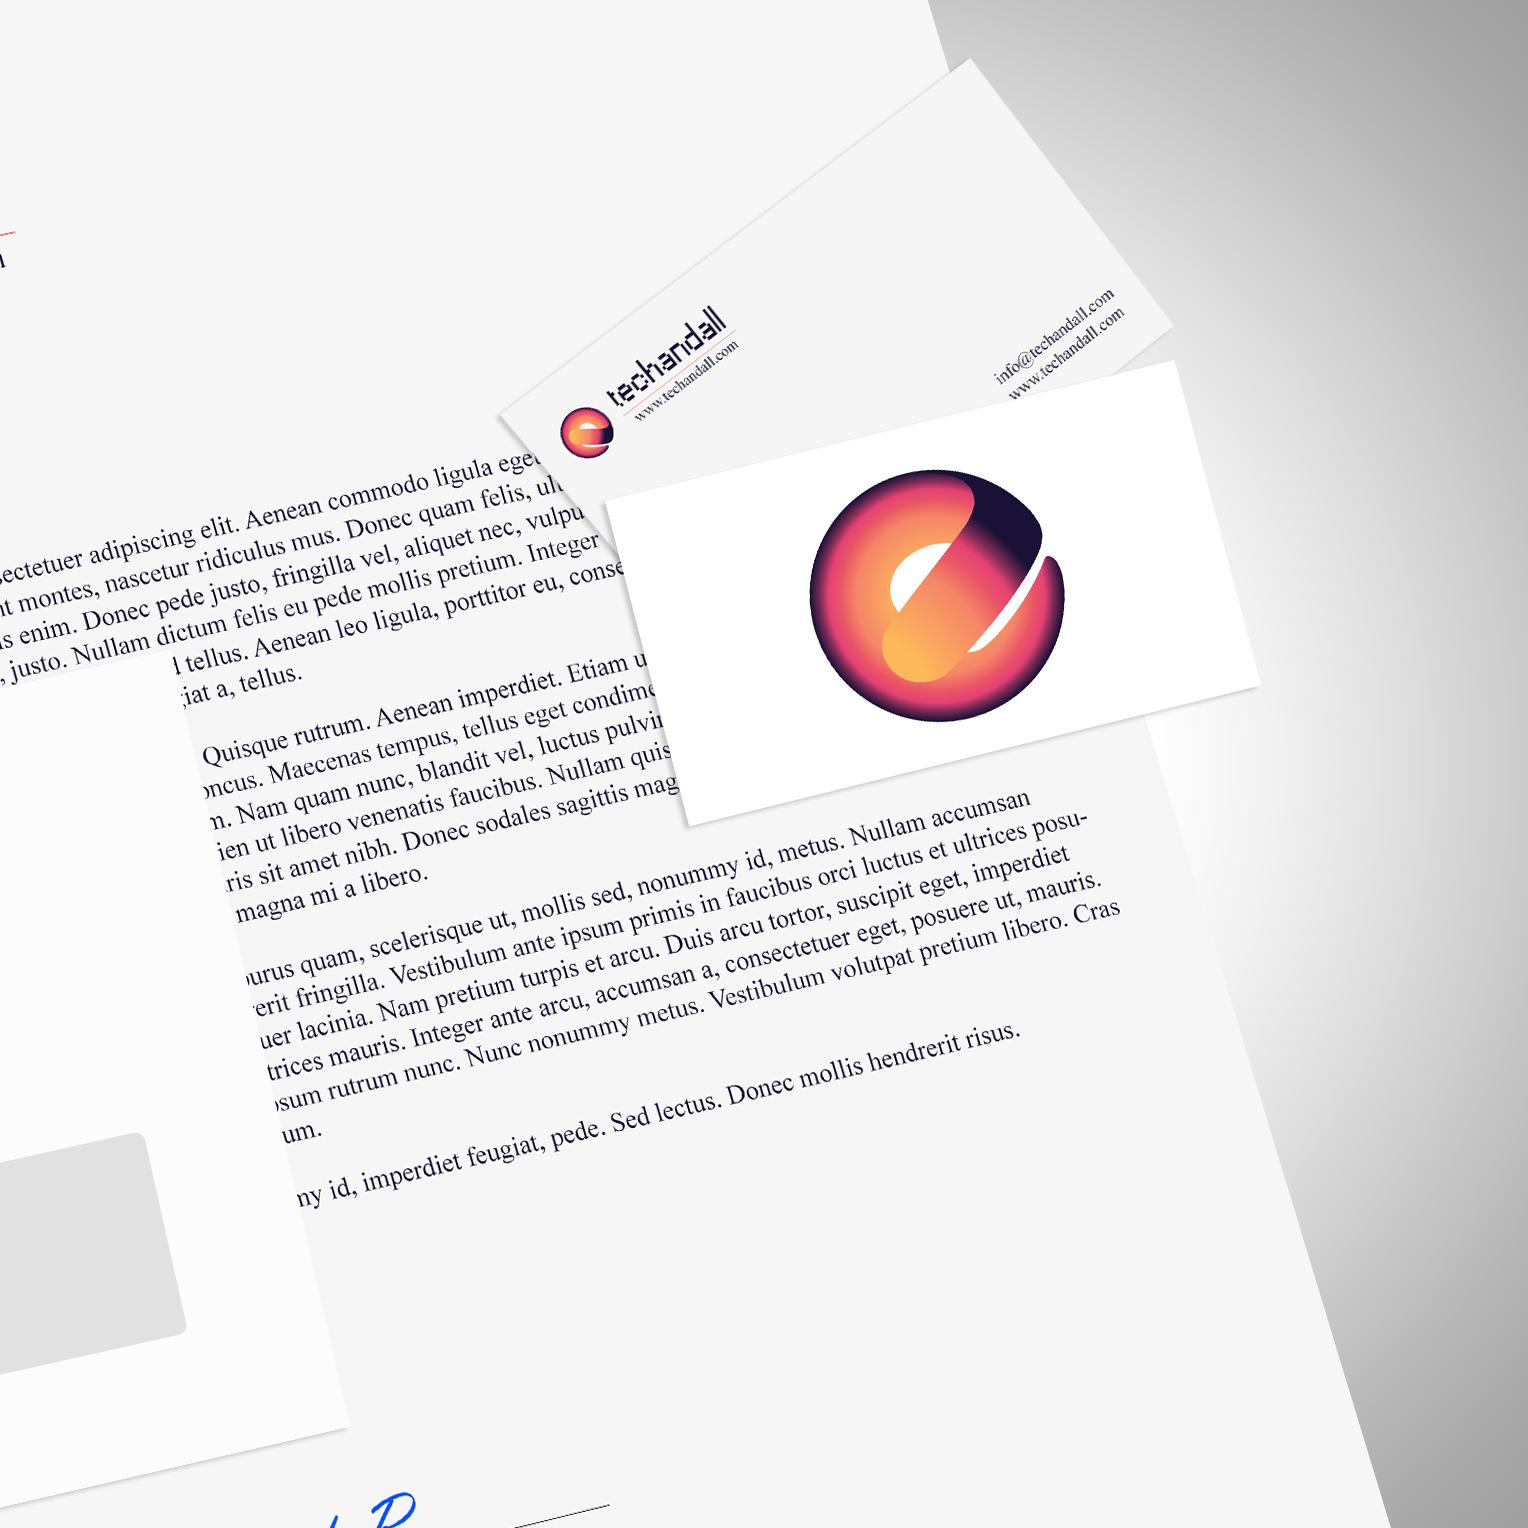 techandall - Branding Mockip v XX2 -S2